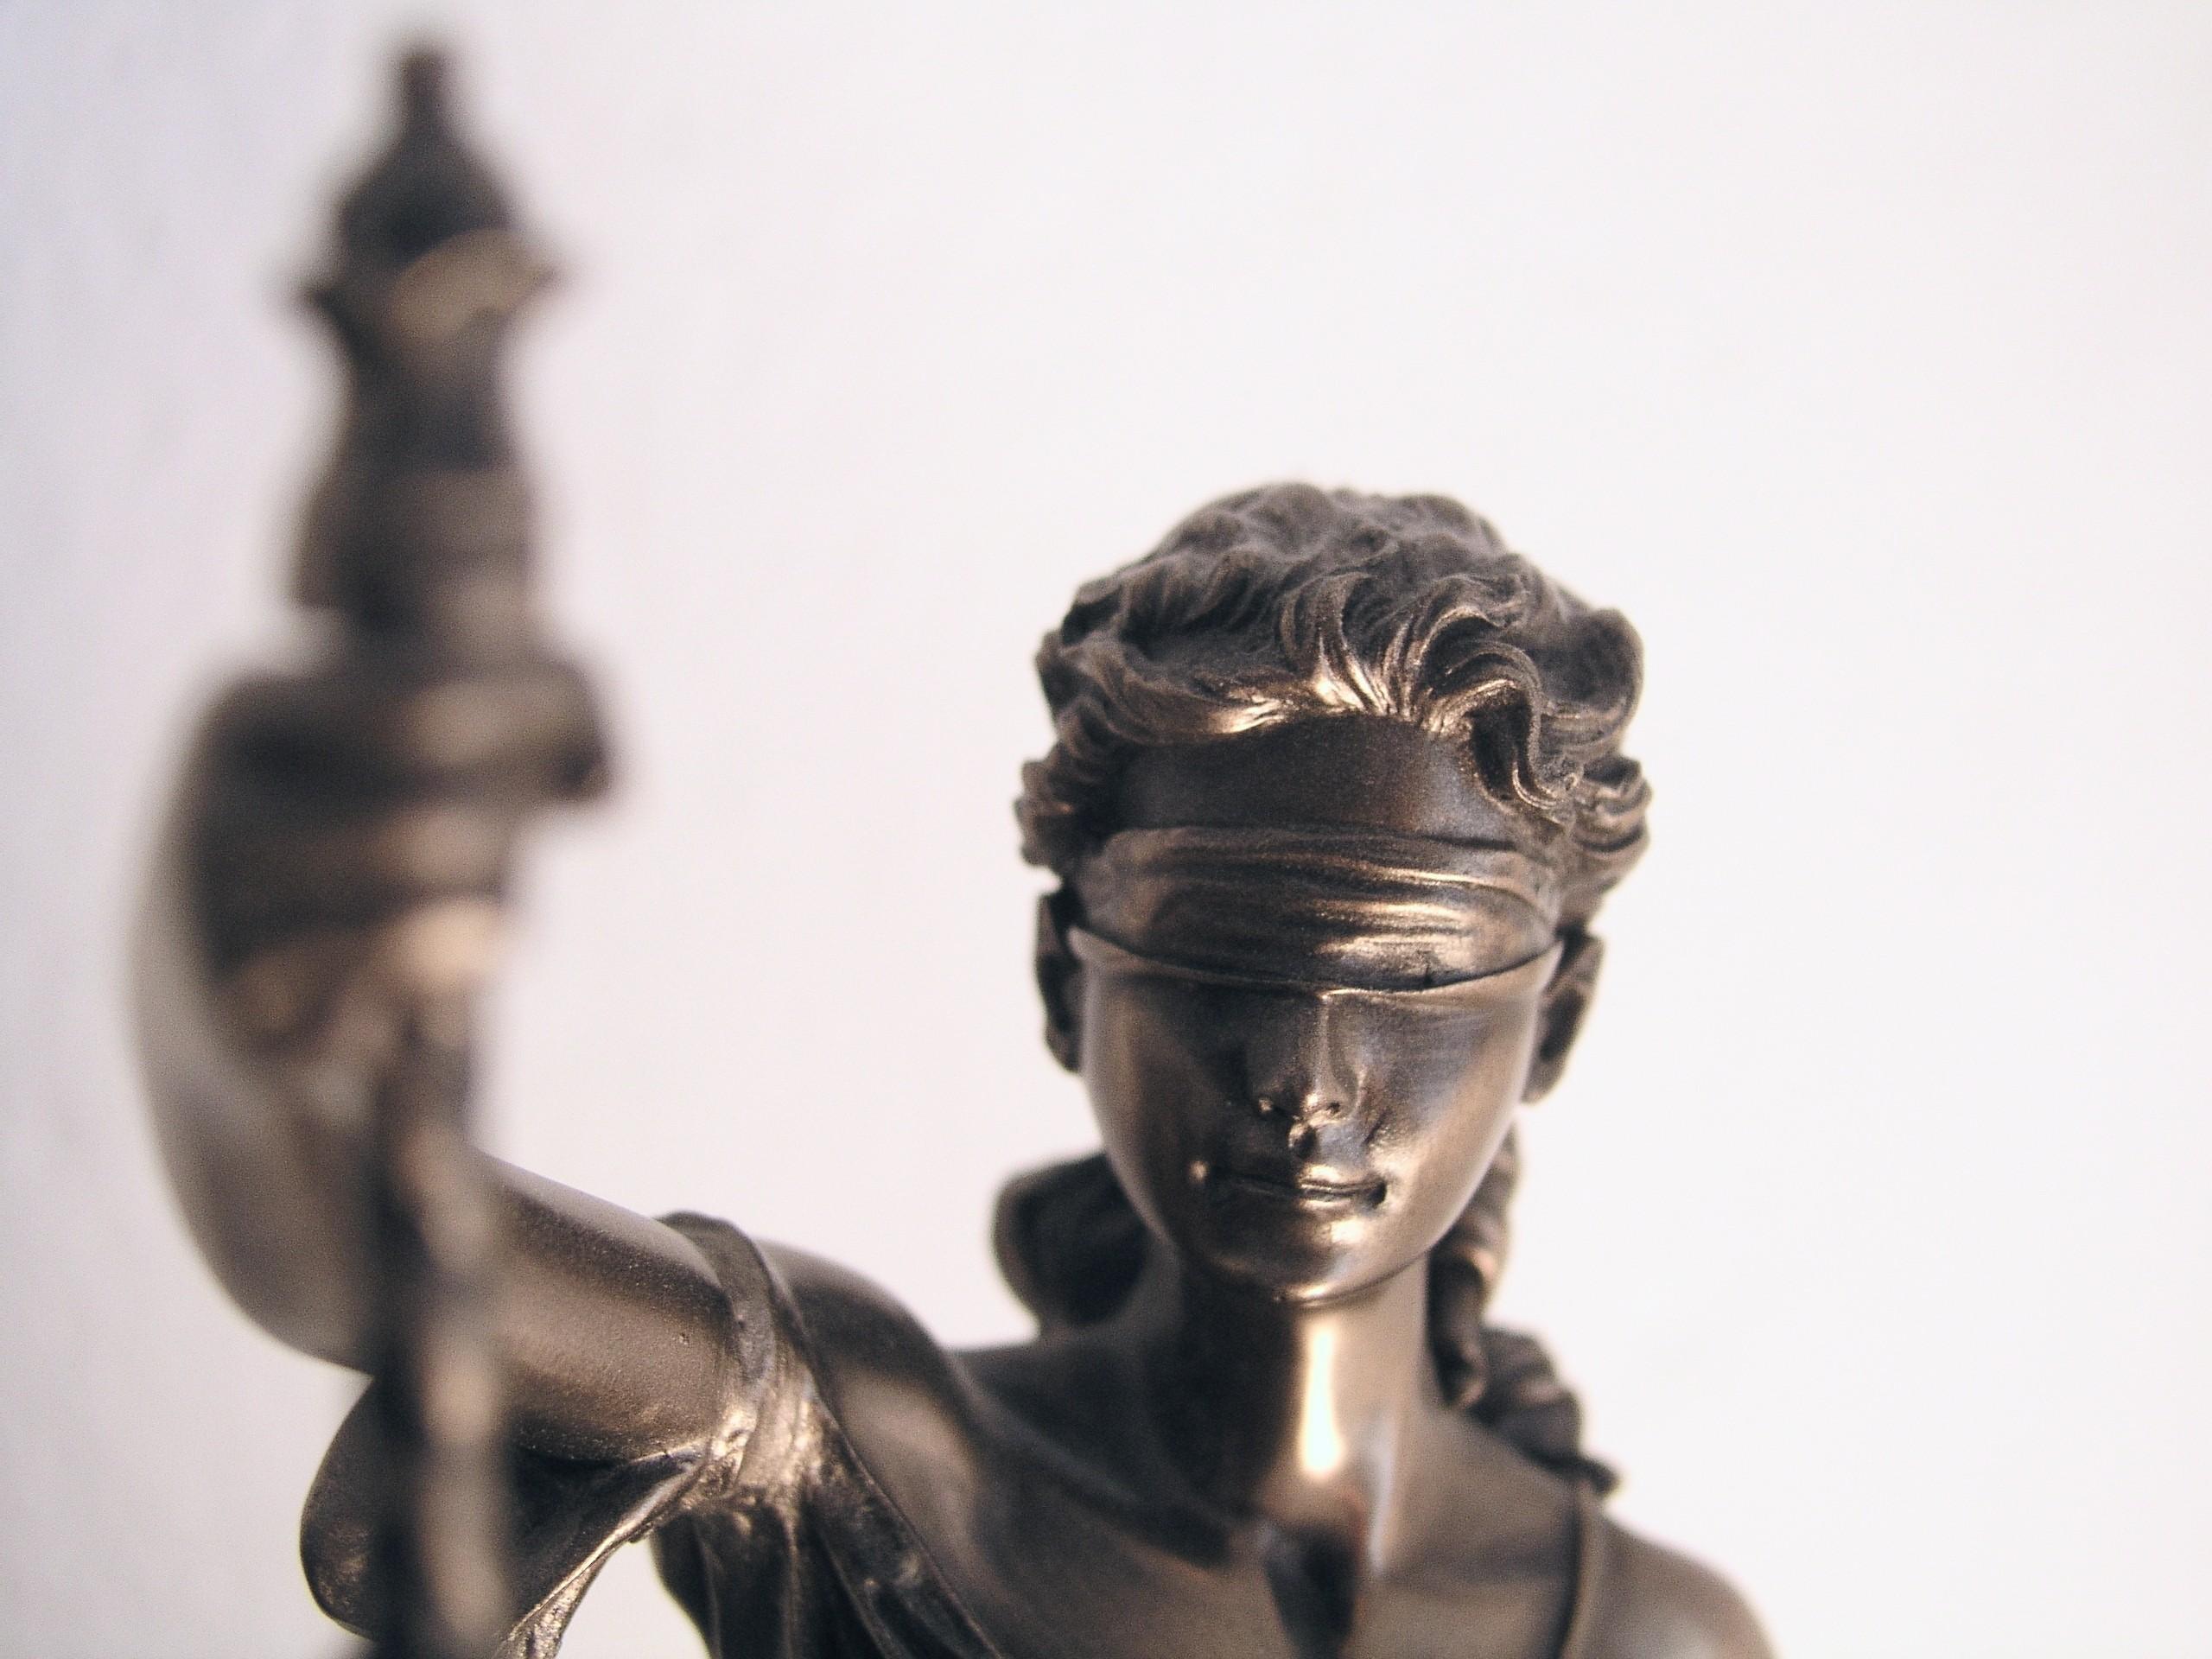 Zu sehen ist der Kopf einer Justitia, dem Sinnbild für Recht und Gerechtigkeit, mit verbundenen Augen. Die Justitia hat verbundene Augen, damit sie nicht sehen kann, über wen sie richtet.